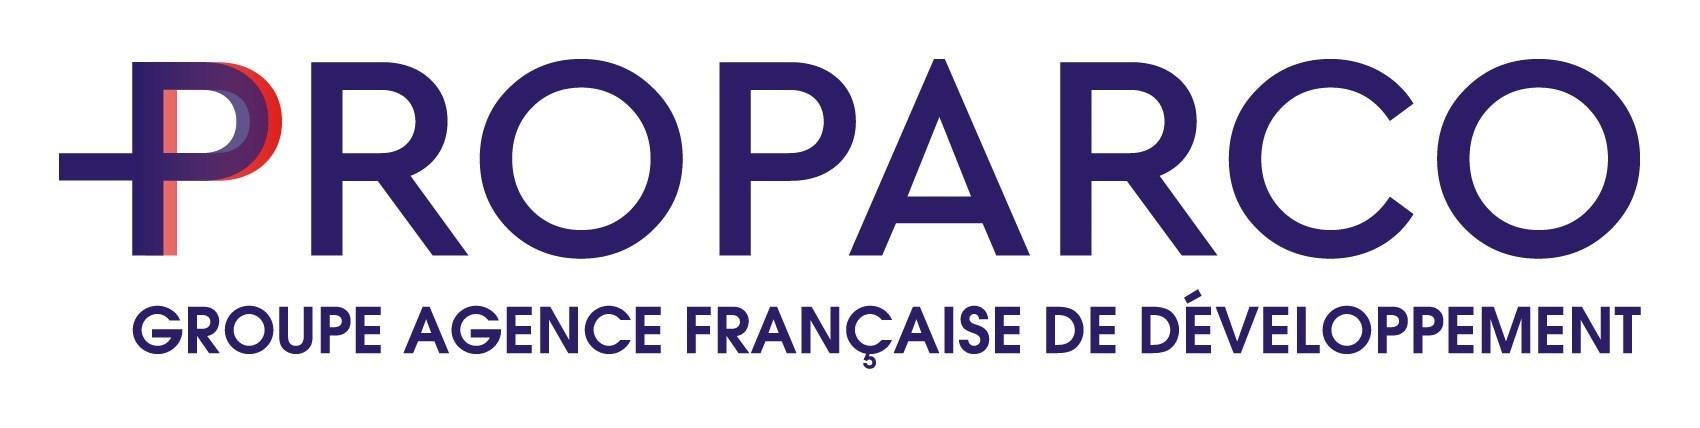 Proparco Logo.jpeg